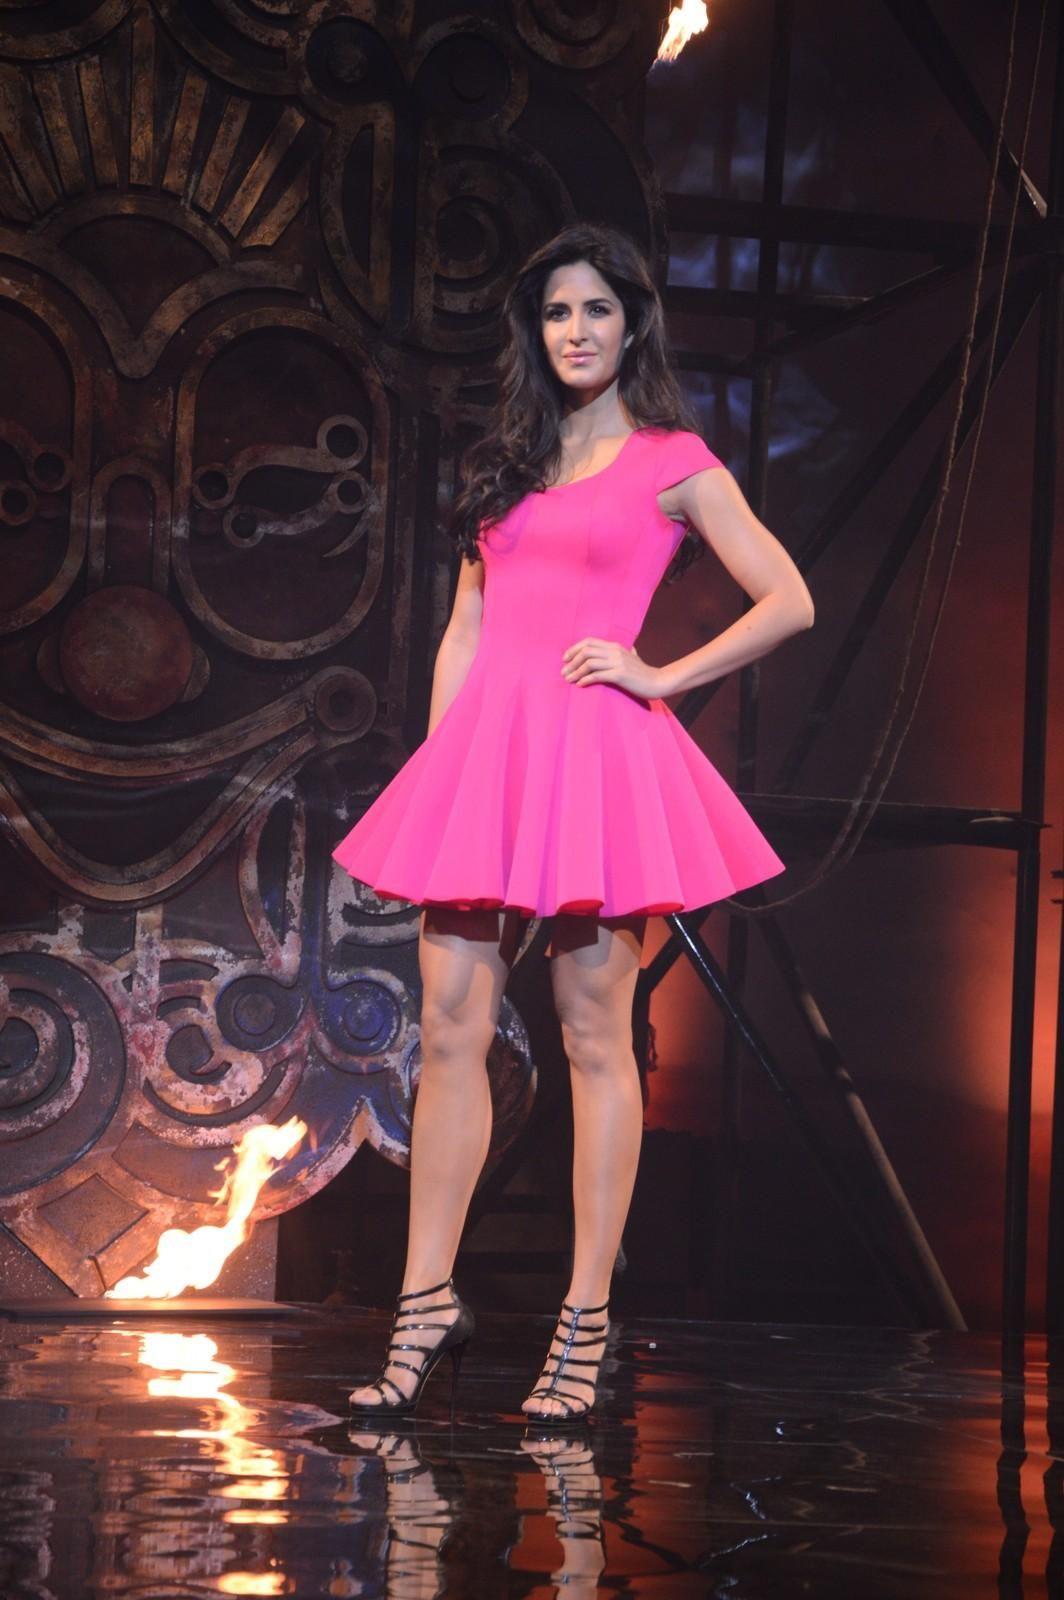 katrina kaif at dhoom 3 song launch | Katrina kaif, Katrina kaif photo,  Katrina